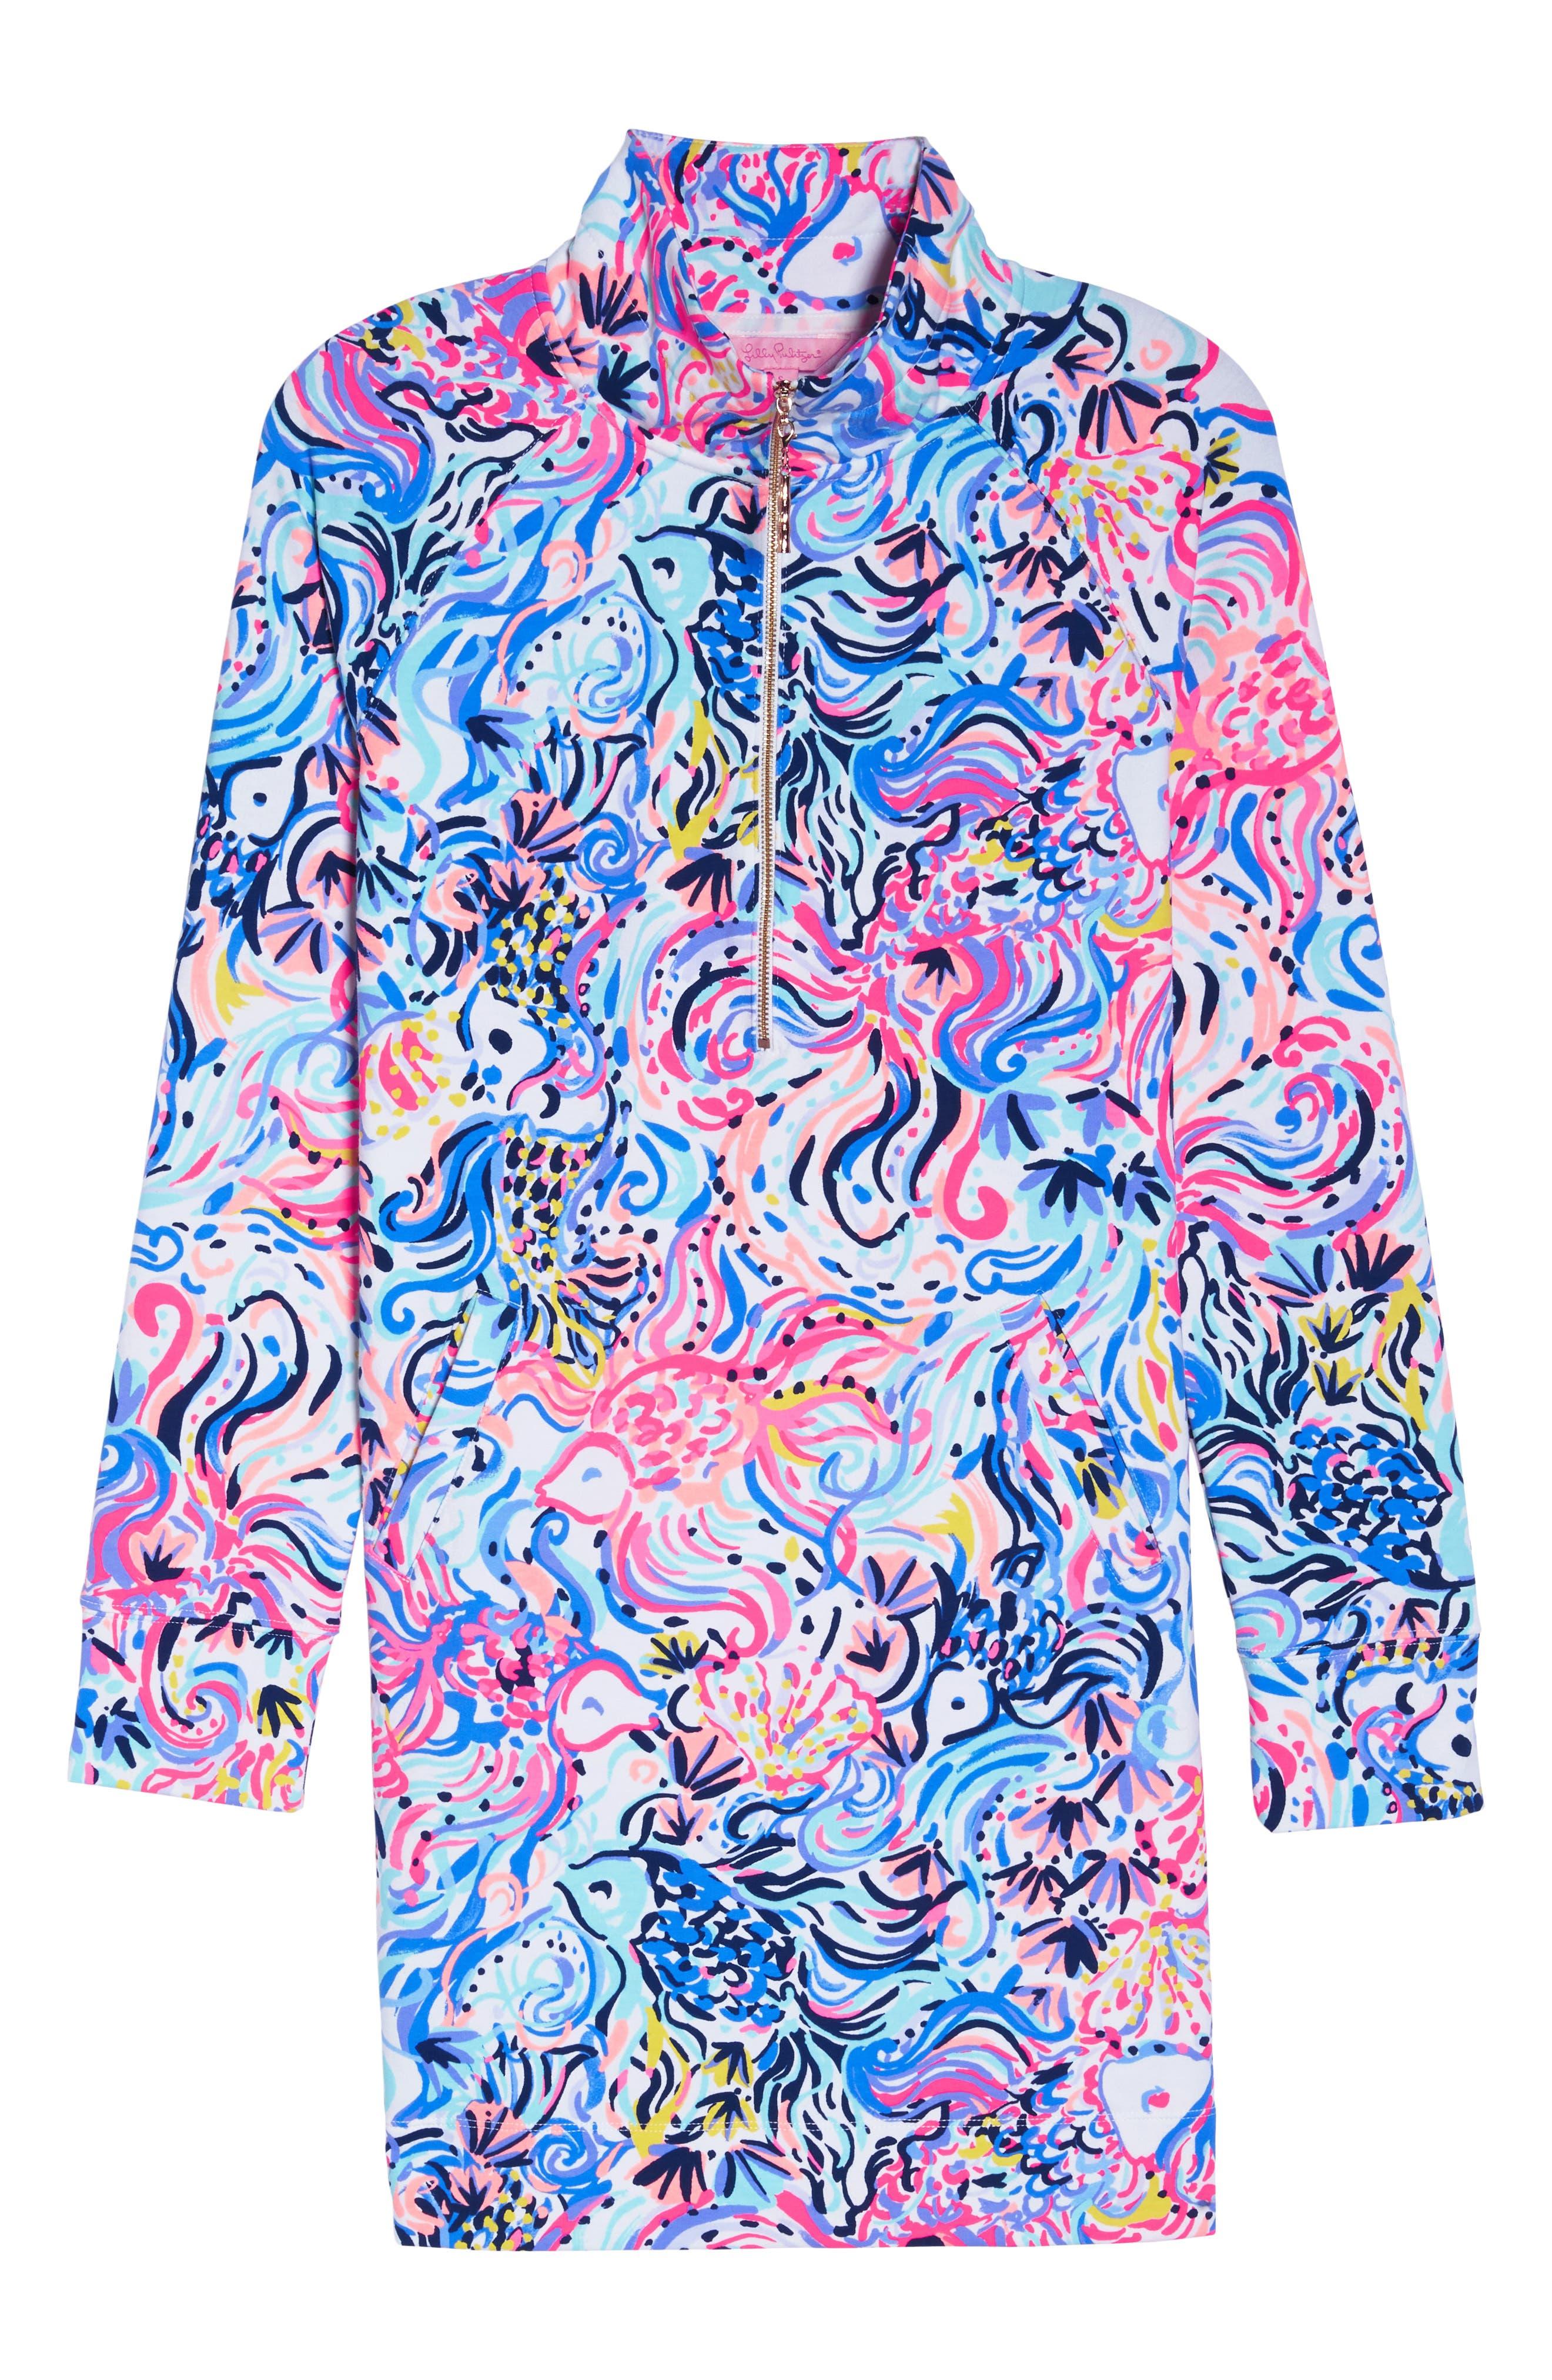 Skipper UPF 50+ Dress,                             Alternate thumbnail 7, color,                             MULTI SO SOPHISHTICATED